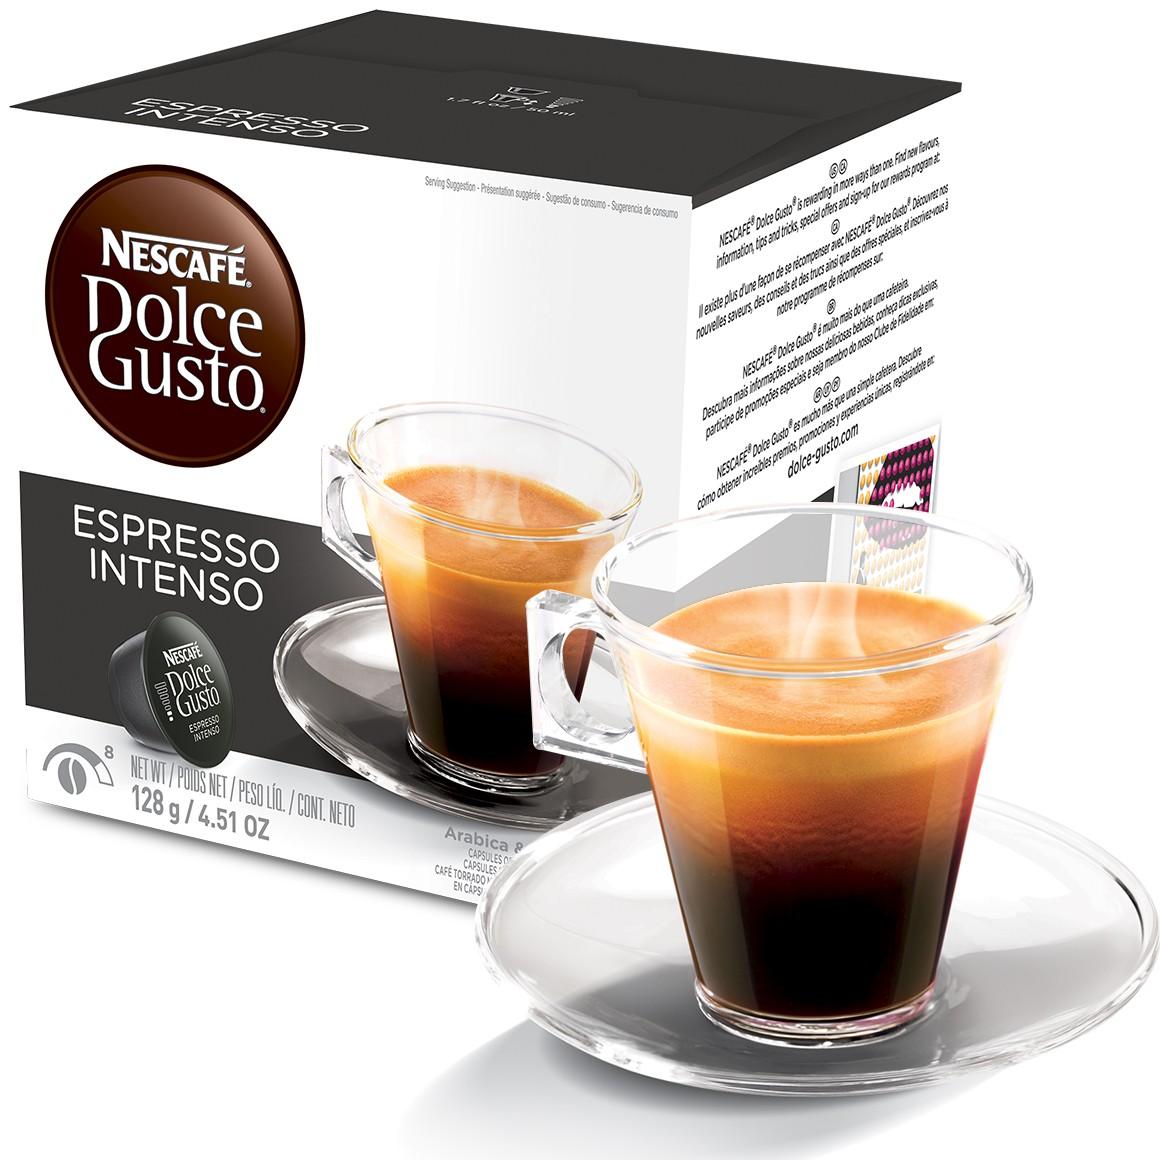 Cápsula Nescafé Dolce Gusto Café Espresso Intenso 16 Cápsulas - Nestlé